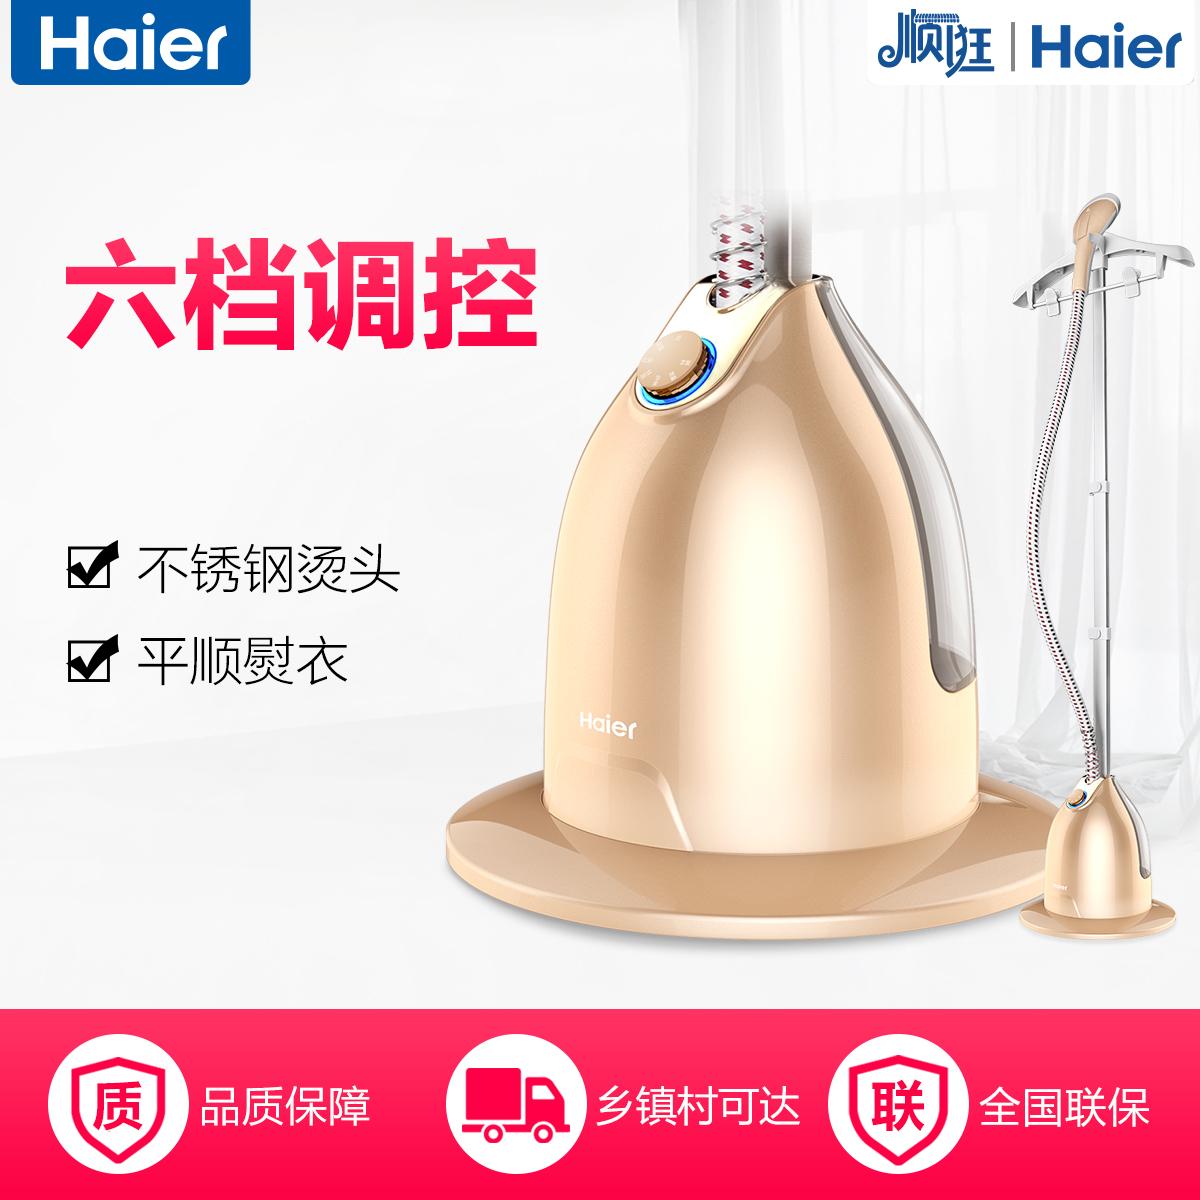 海尔大功率蒸汽烫衣服挂烫机家用小型挂立式电熨斗熨烫机 HY-GD1806G1